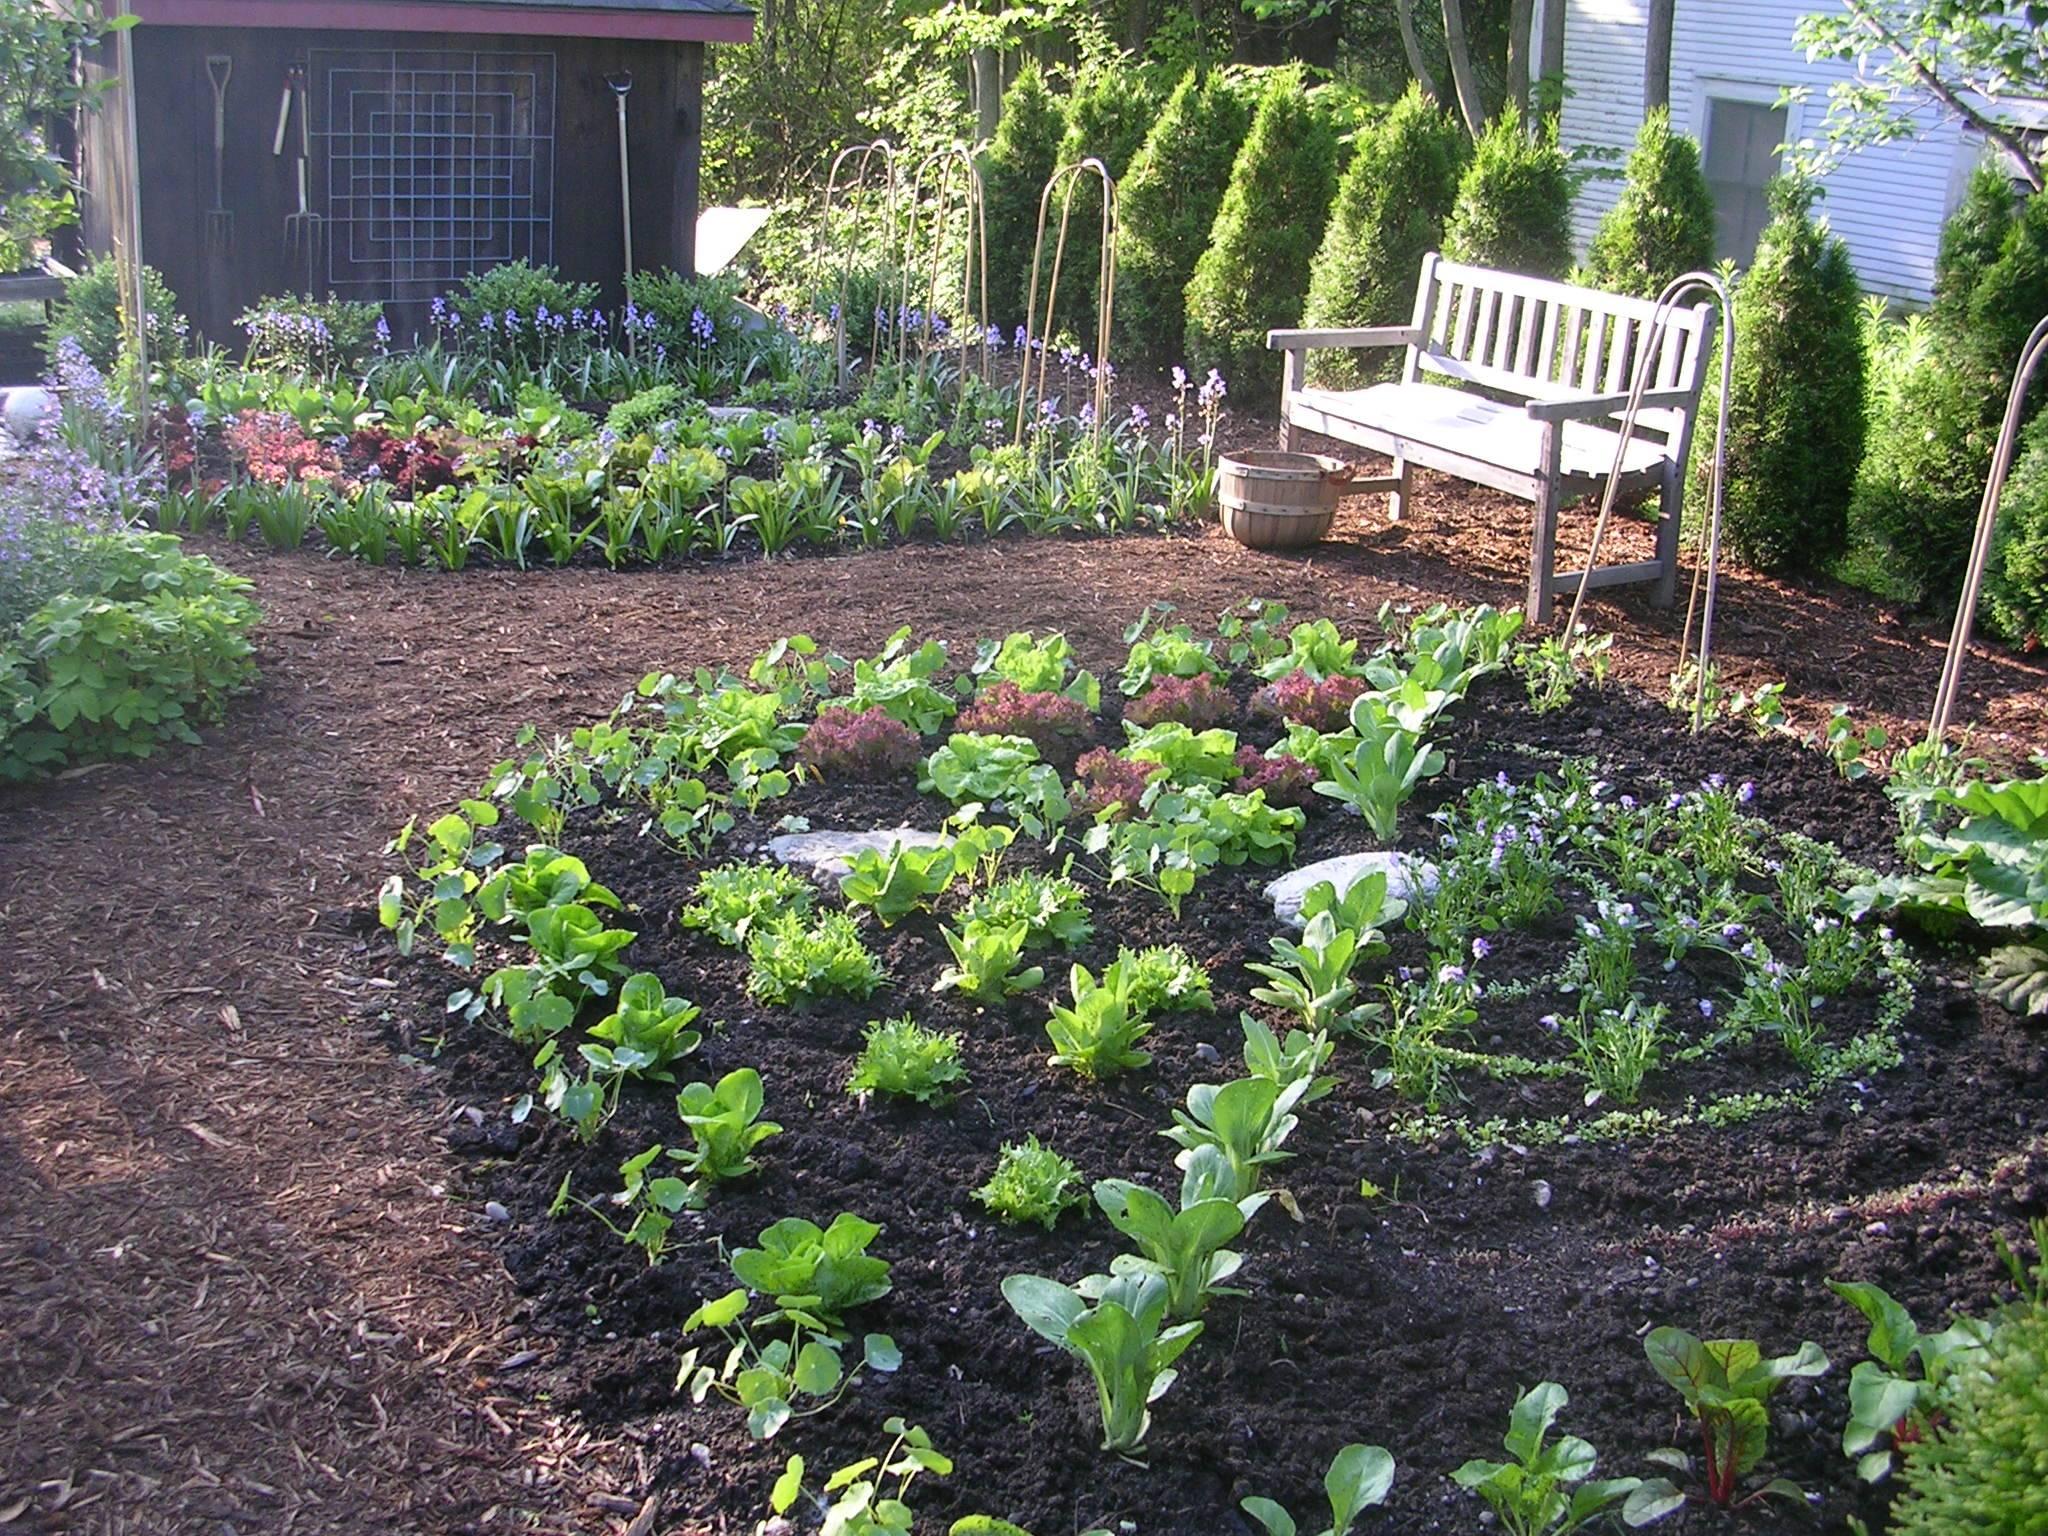 Kitchen garden design ideas | Hawk Haven